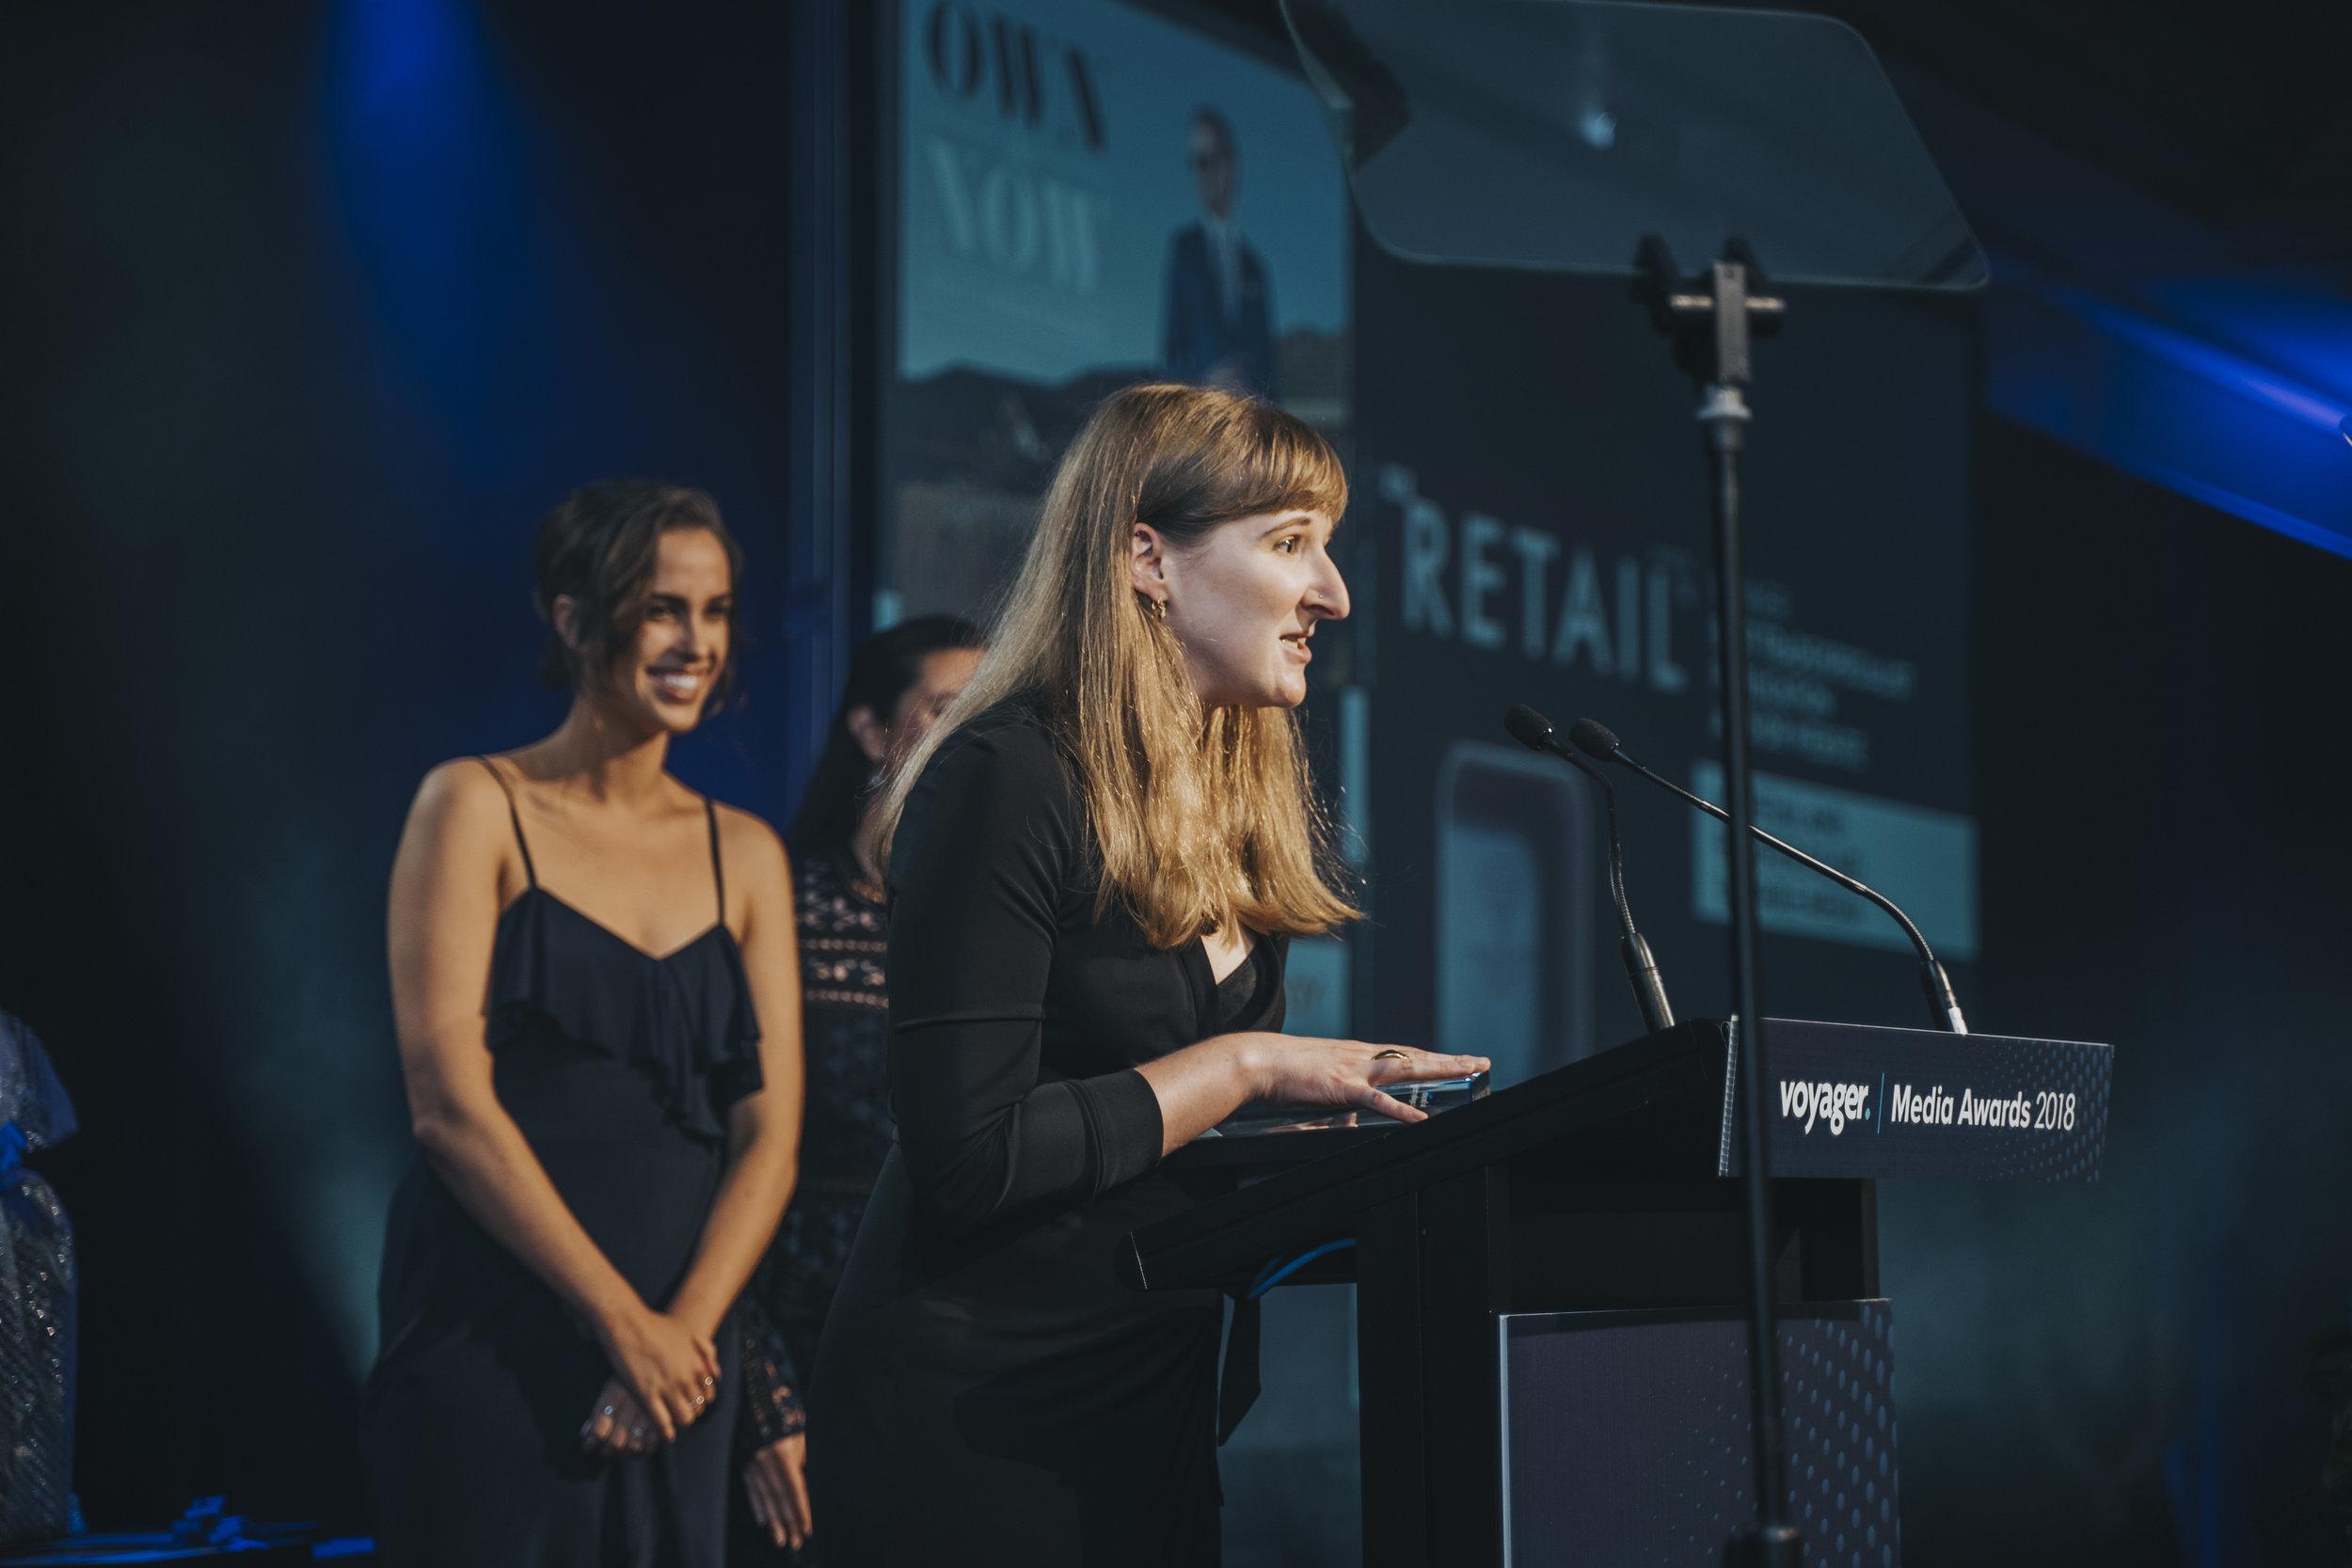 Voyager Media Awards 2018-138.JPG